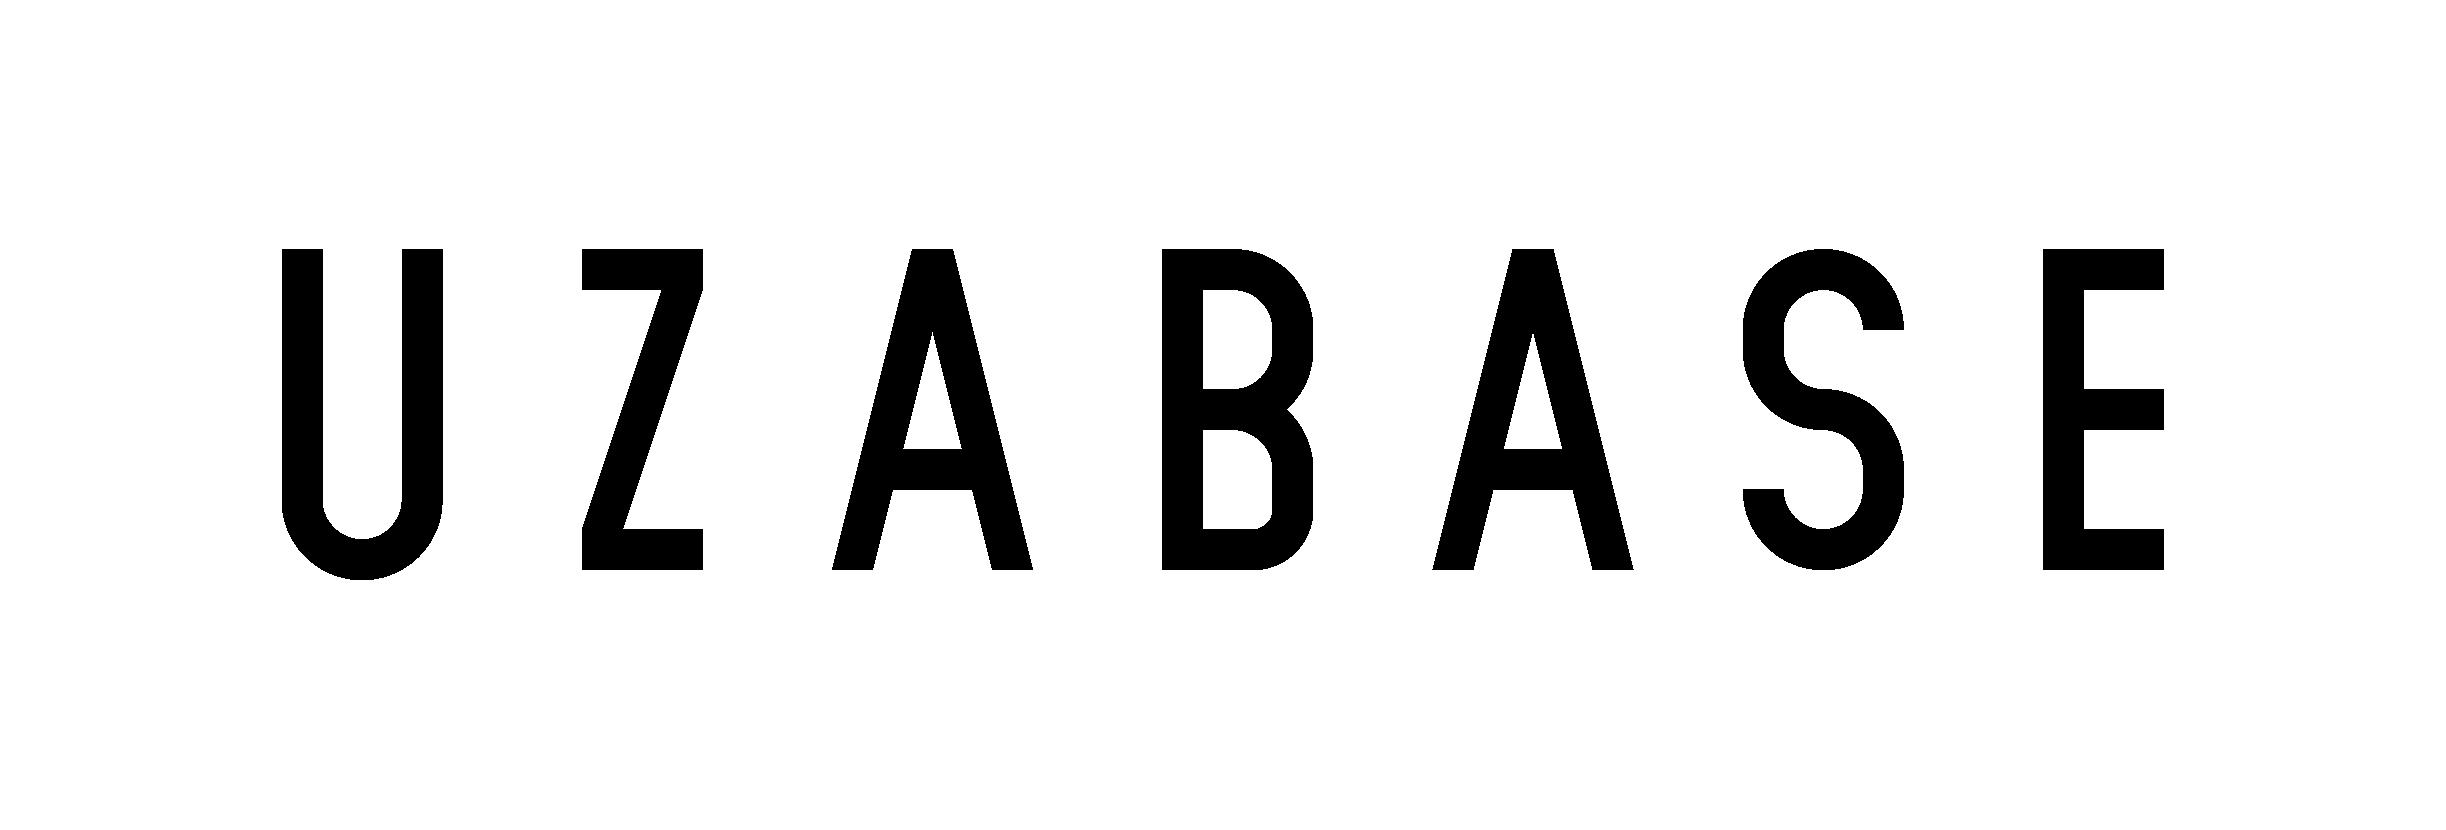 ユーザベース